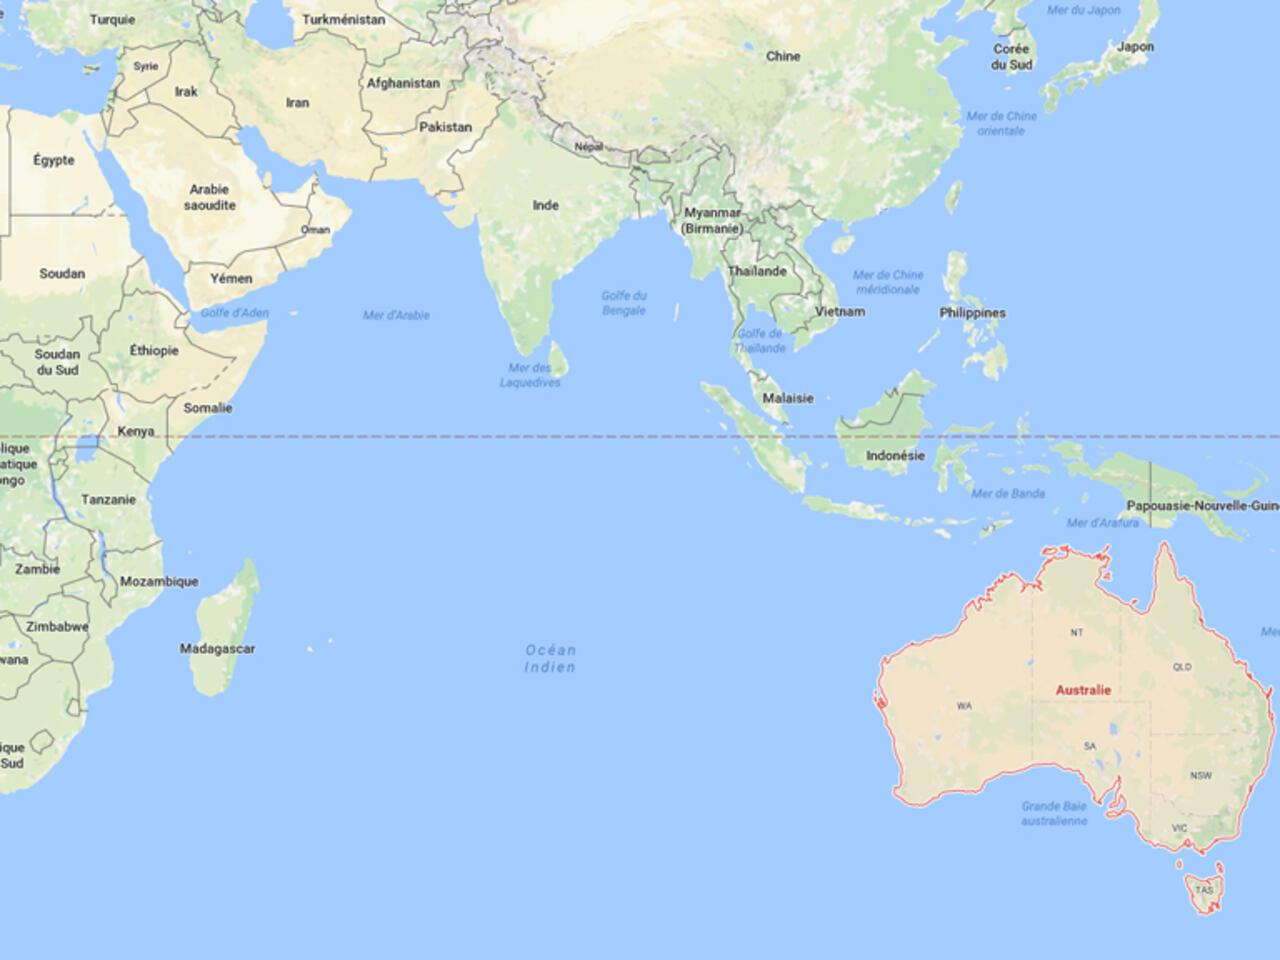 باحثون موقع قارة أستراليا انتقل مترا ونصفا إلى الشمال